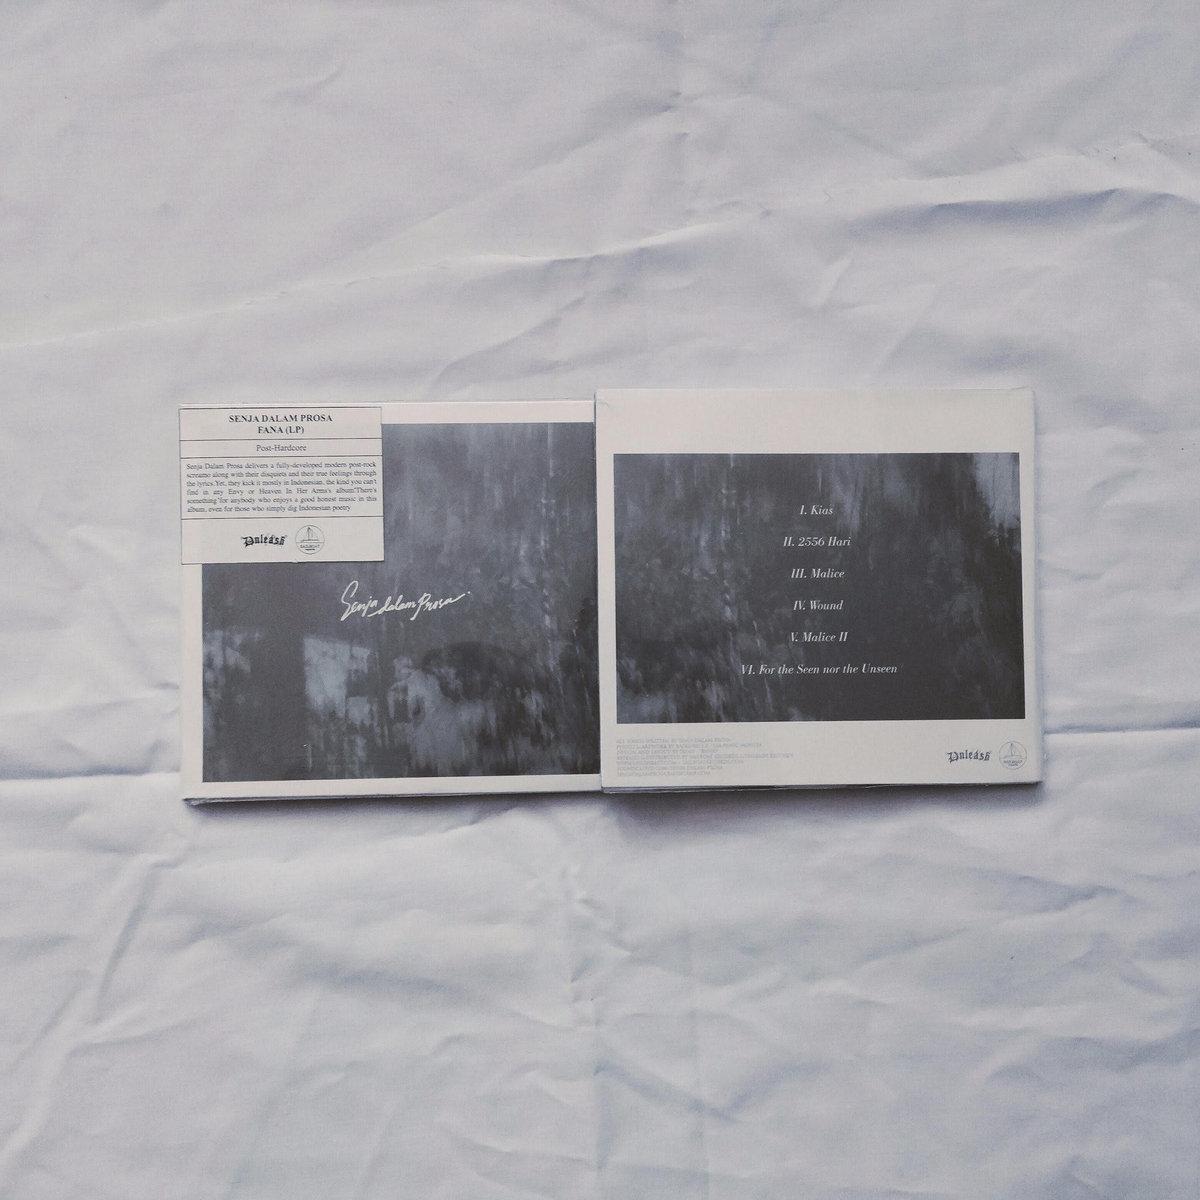 Senja Dalam Prosa - Fana LP | Sailboat Records